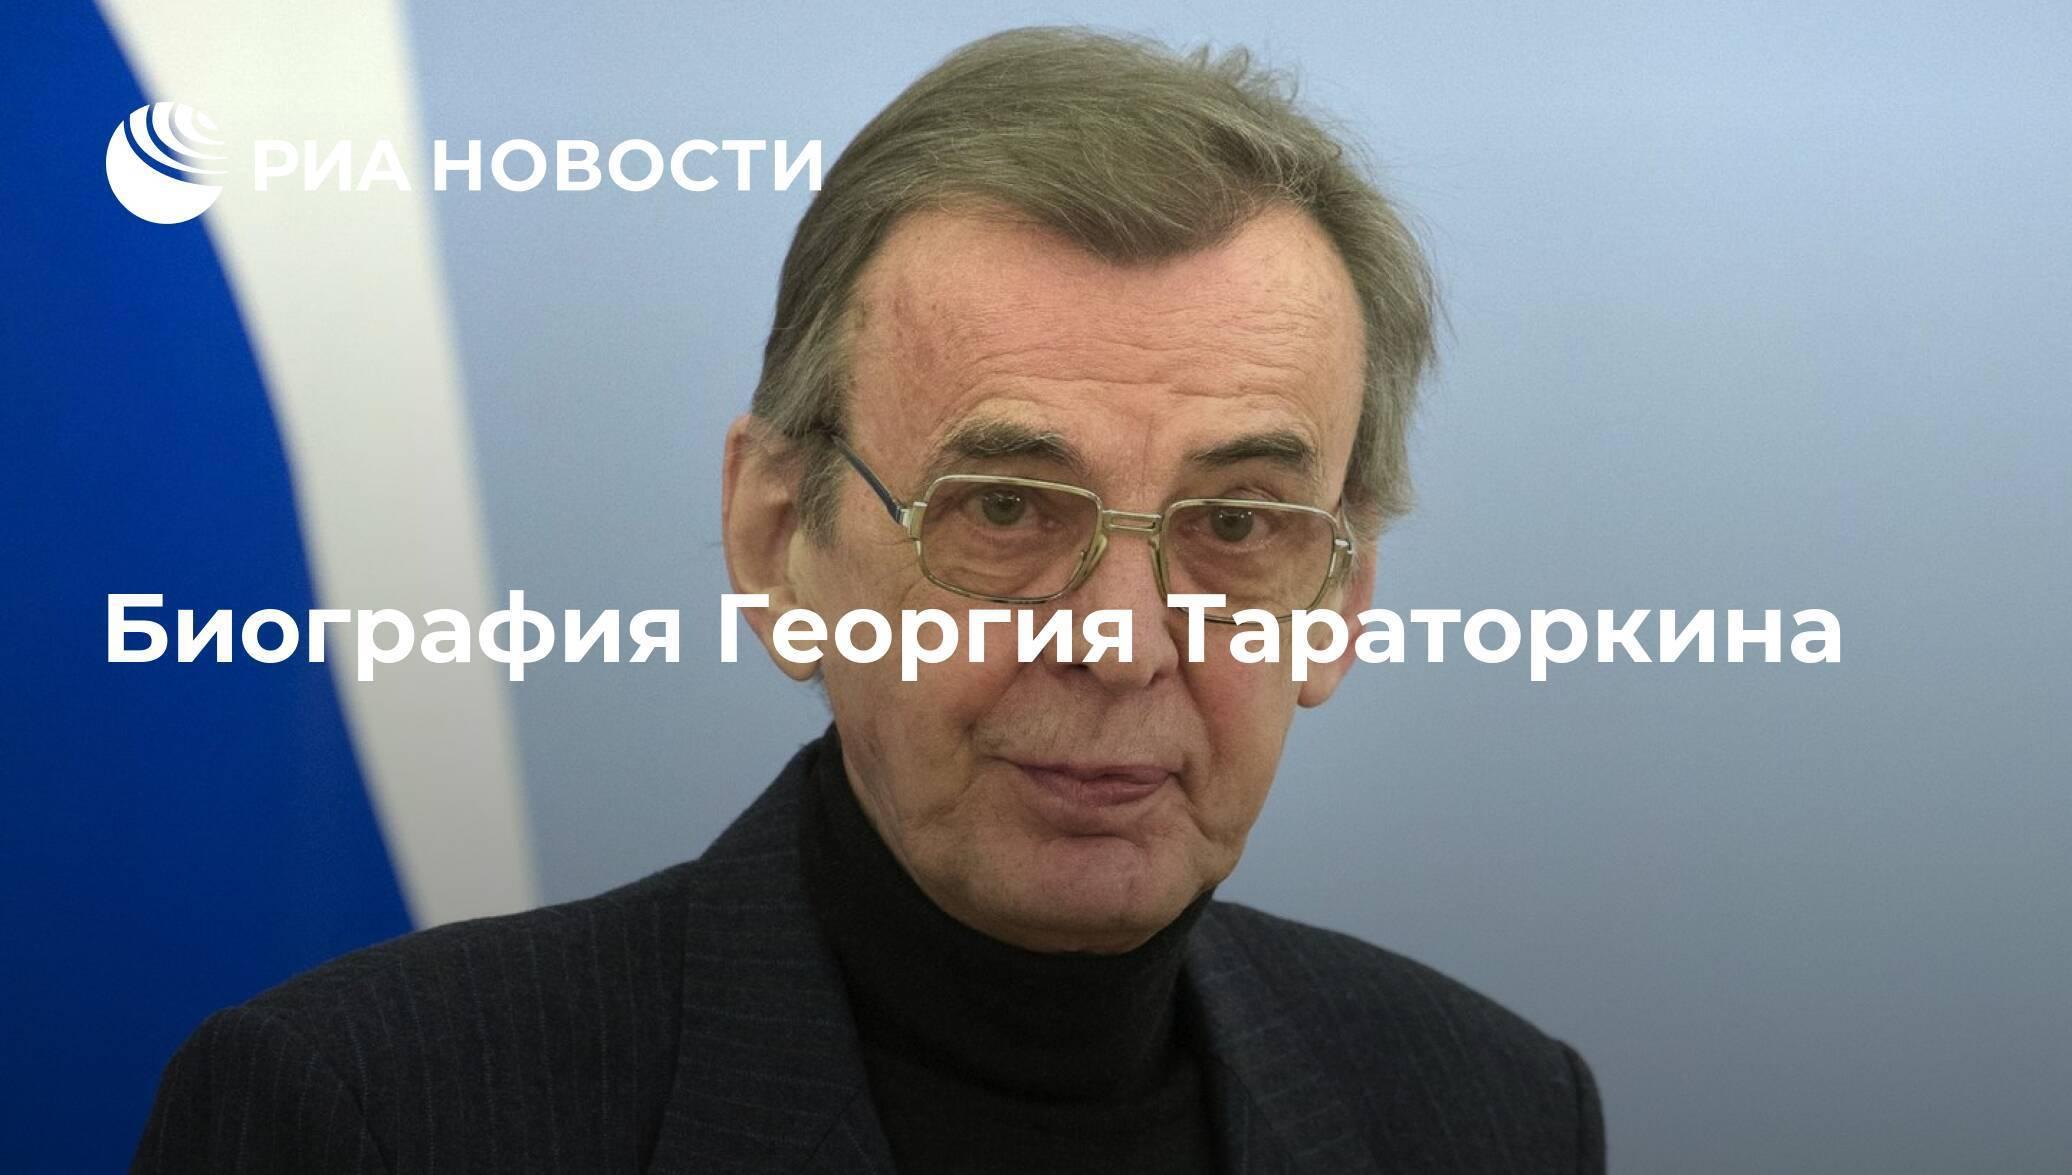 Тараторкин, георгий георгиевич — википедия. что такое тараторкин, георгий георгиевич